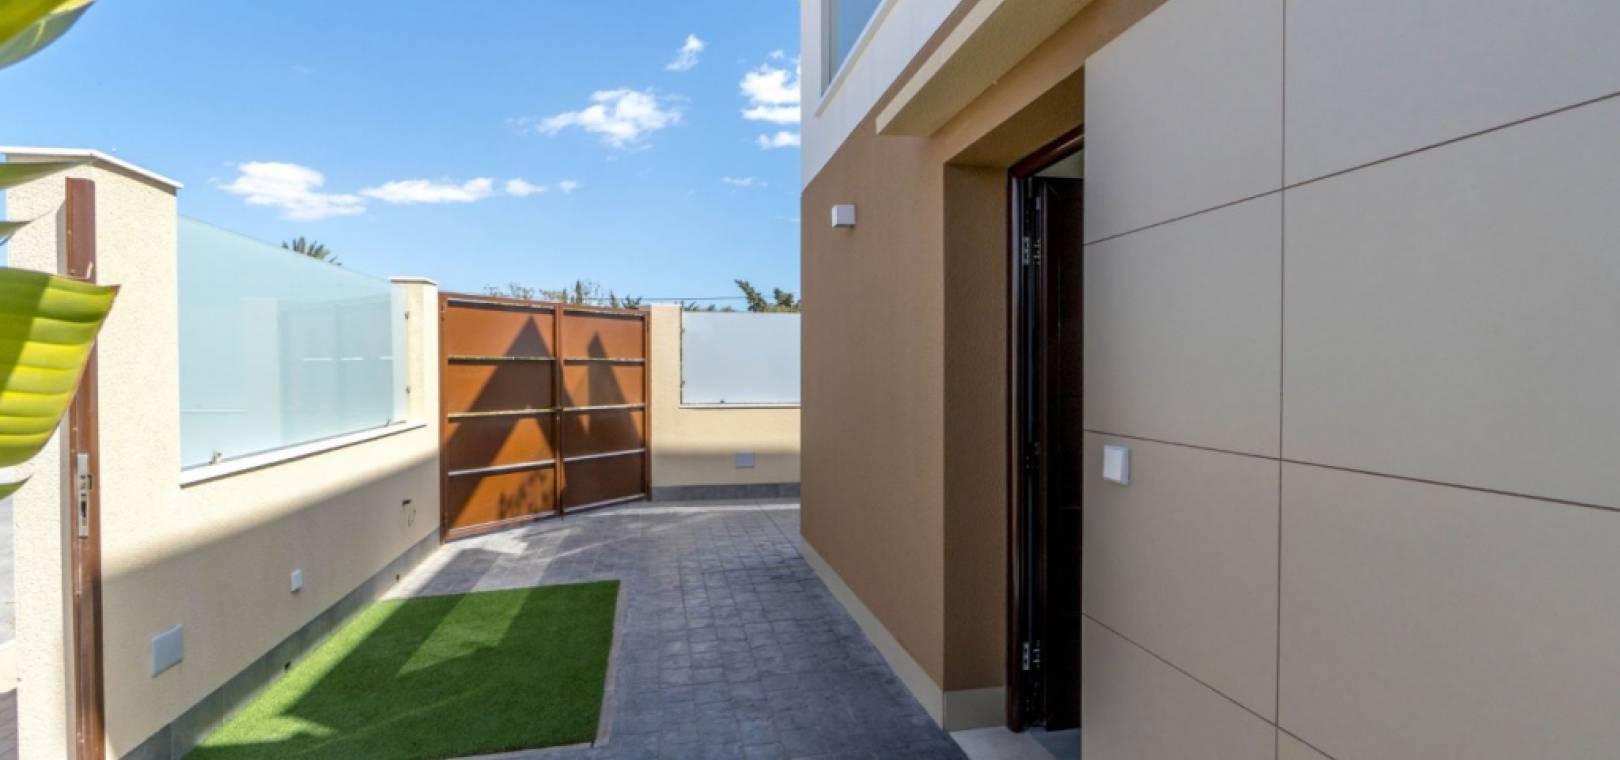 Vollständig - Schlüssel Bereit - Villa - San Pedro del Pinatar